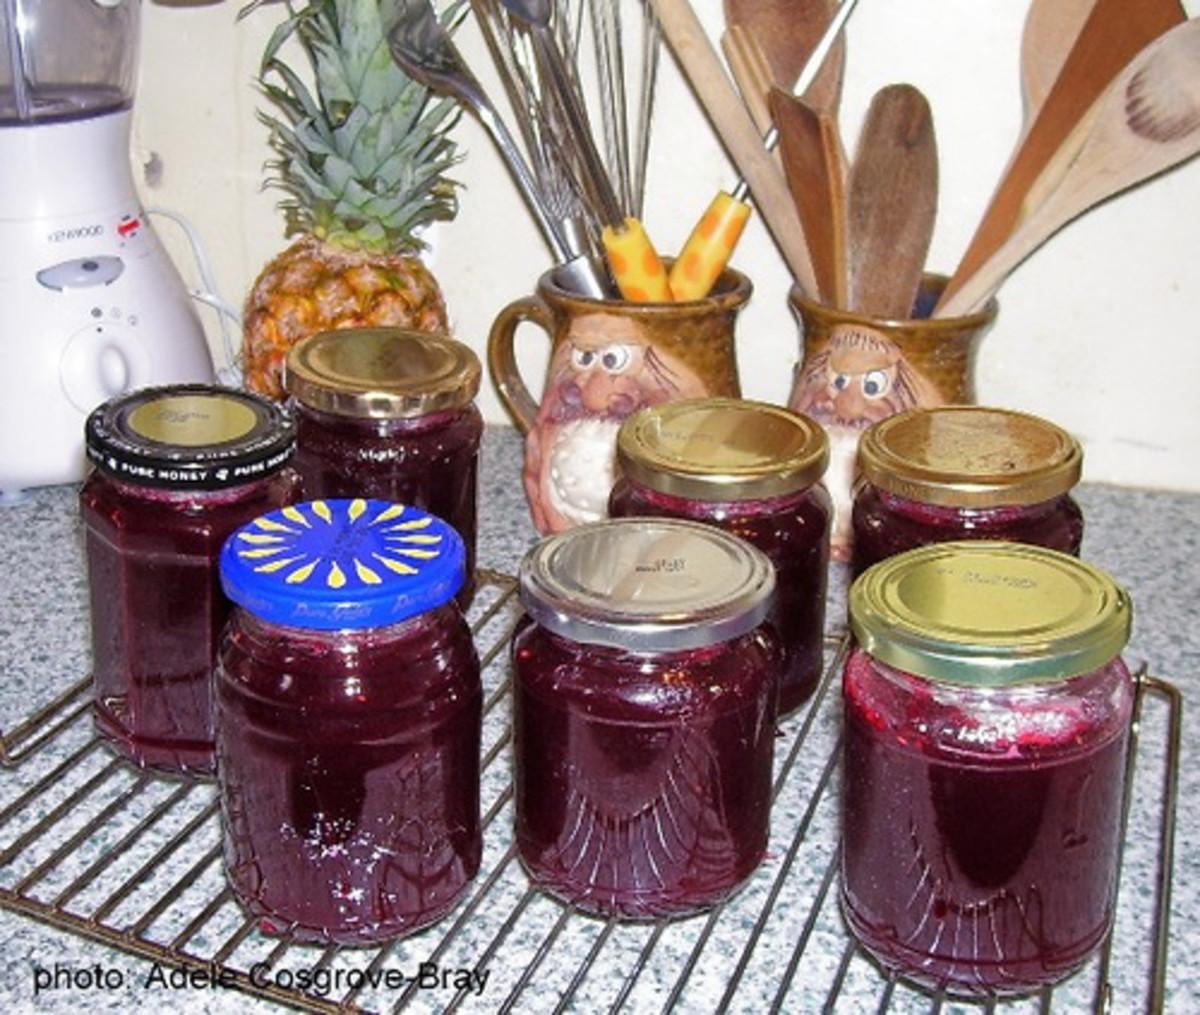 How to Make Home-Made Jam